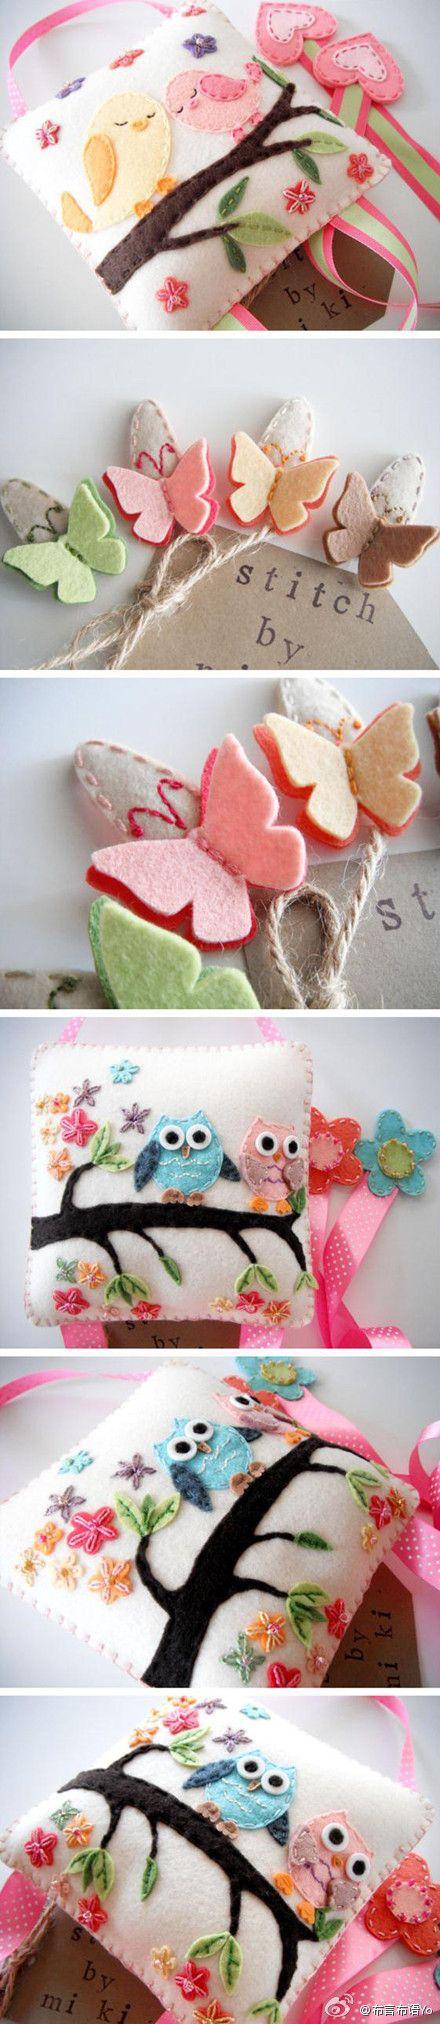 Mariposas de fieltro, cojin decorado con pájaros y búhos